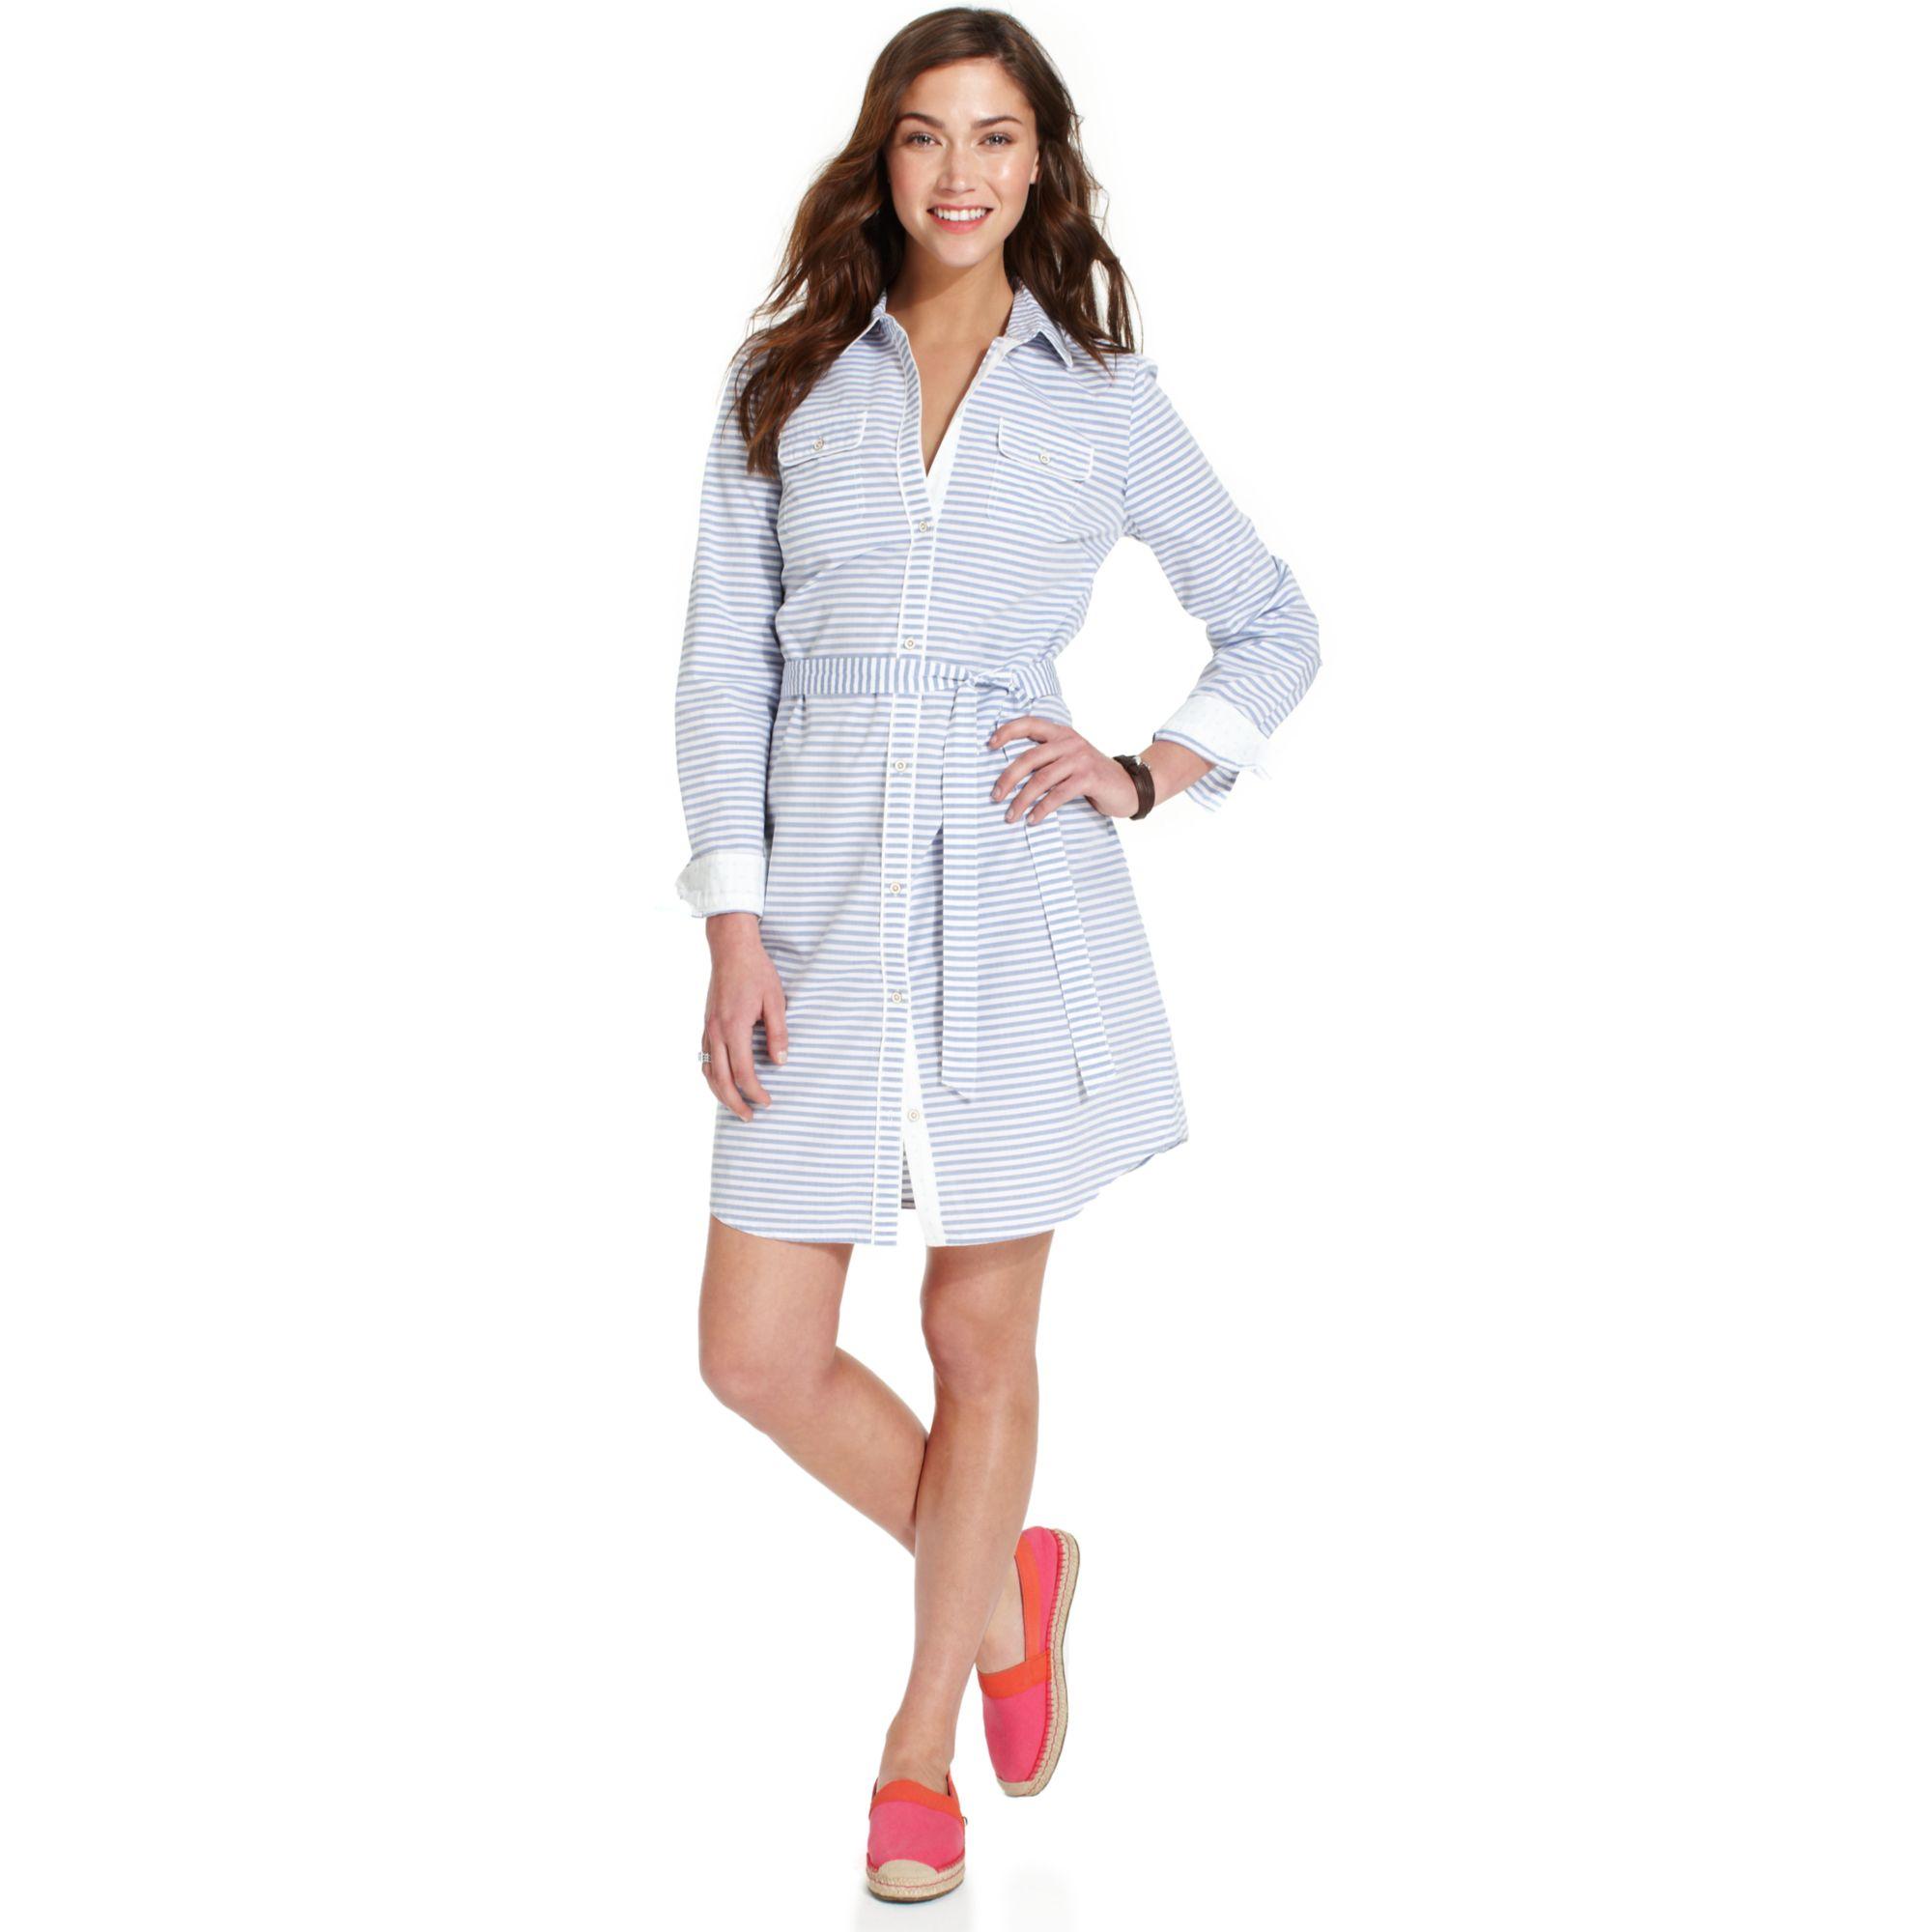 am beliebtesten klassisch Schnäppchen für Mode Long-sleeve Belted Striped Shirt Dress